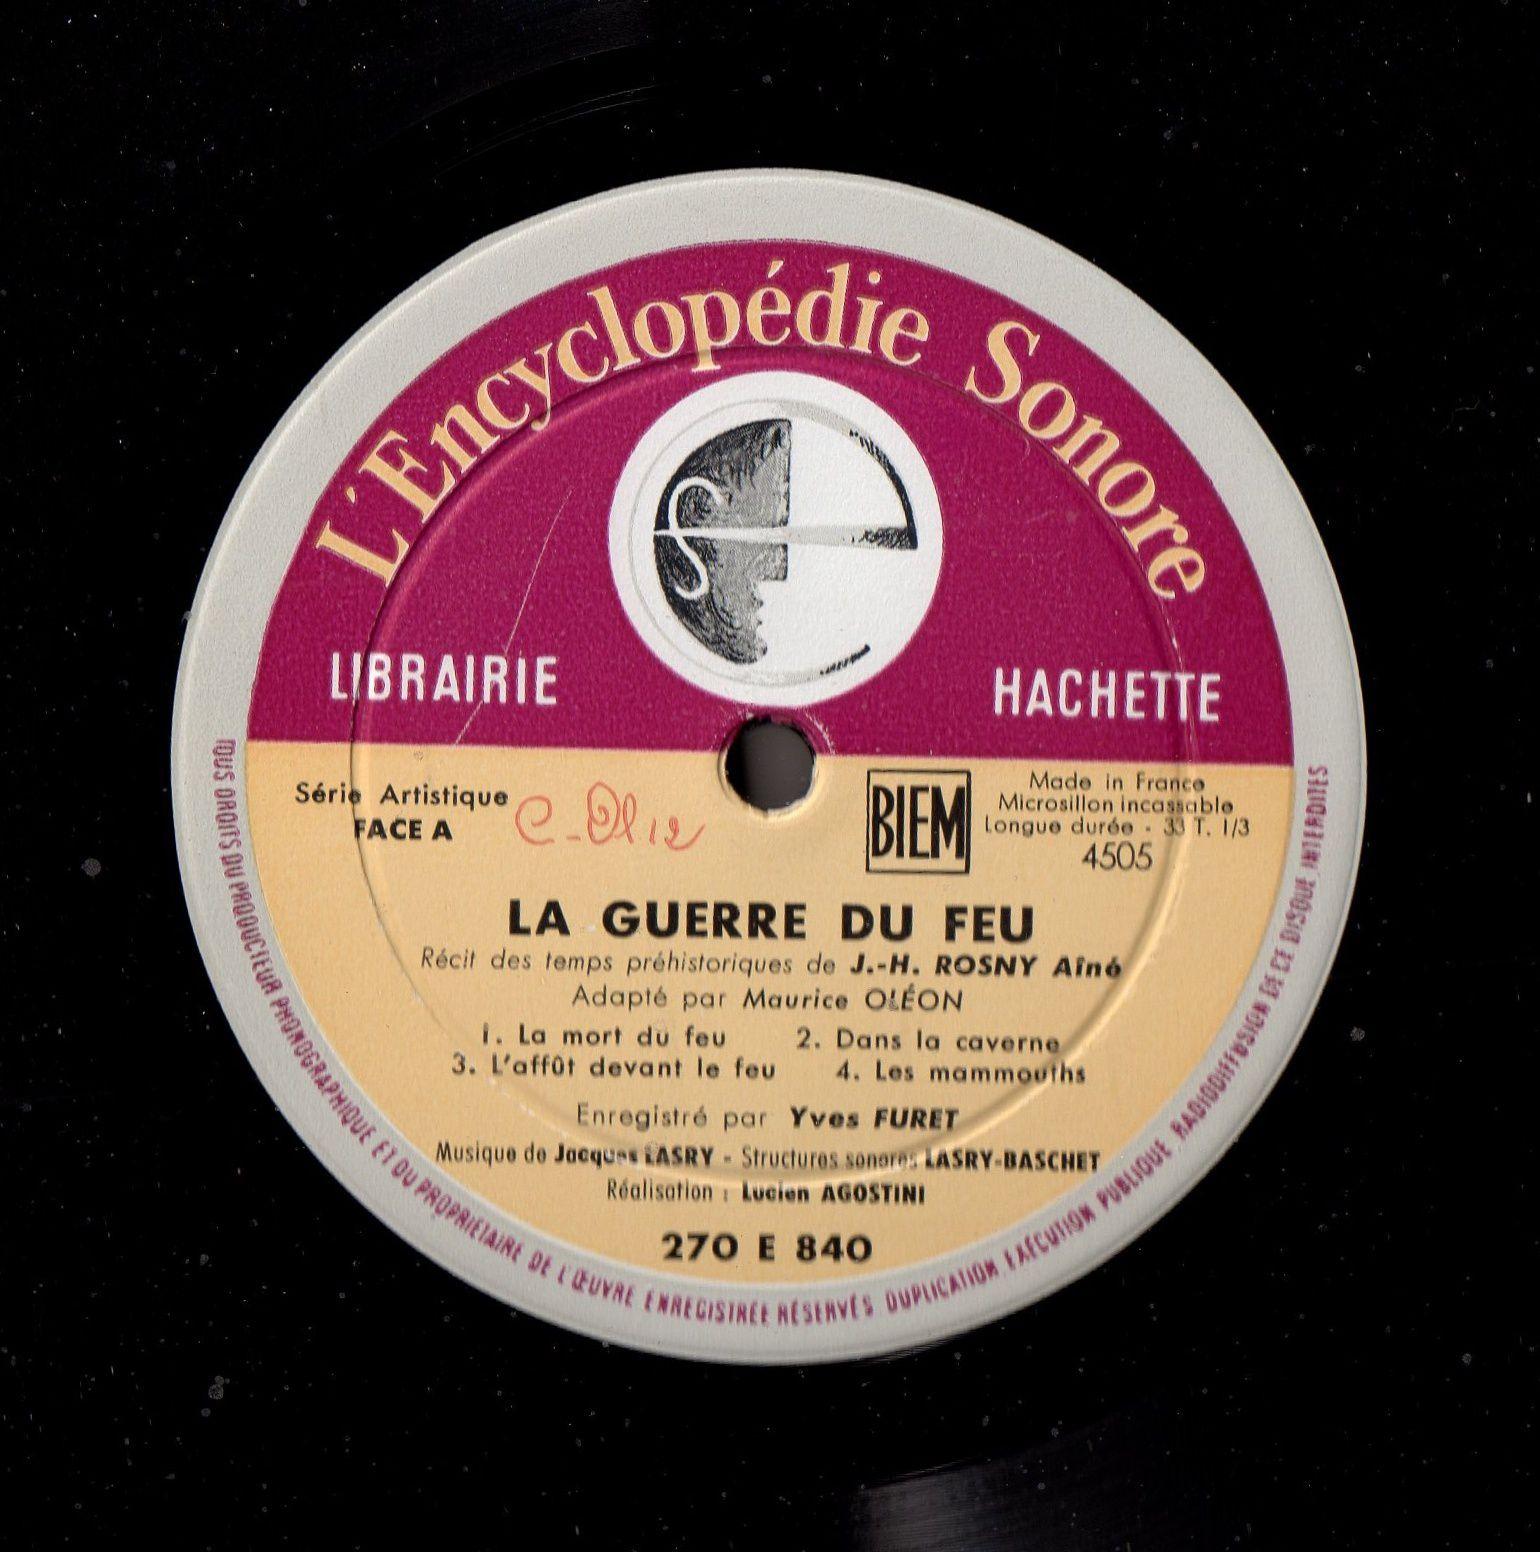 """J.-H. Rosny aîné """"La Guerre du Feu"""" (L'Encyclopédie Sonore - 1961)"""